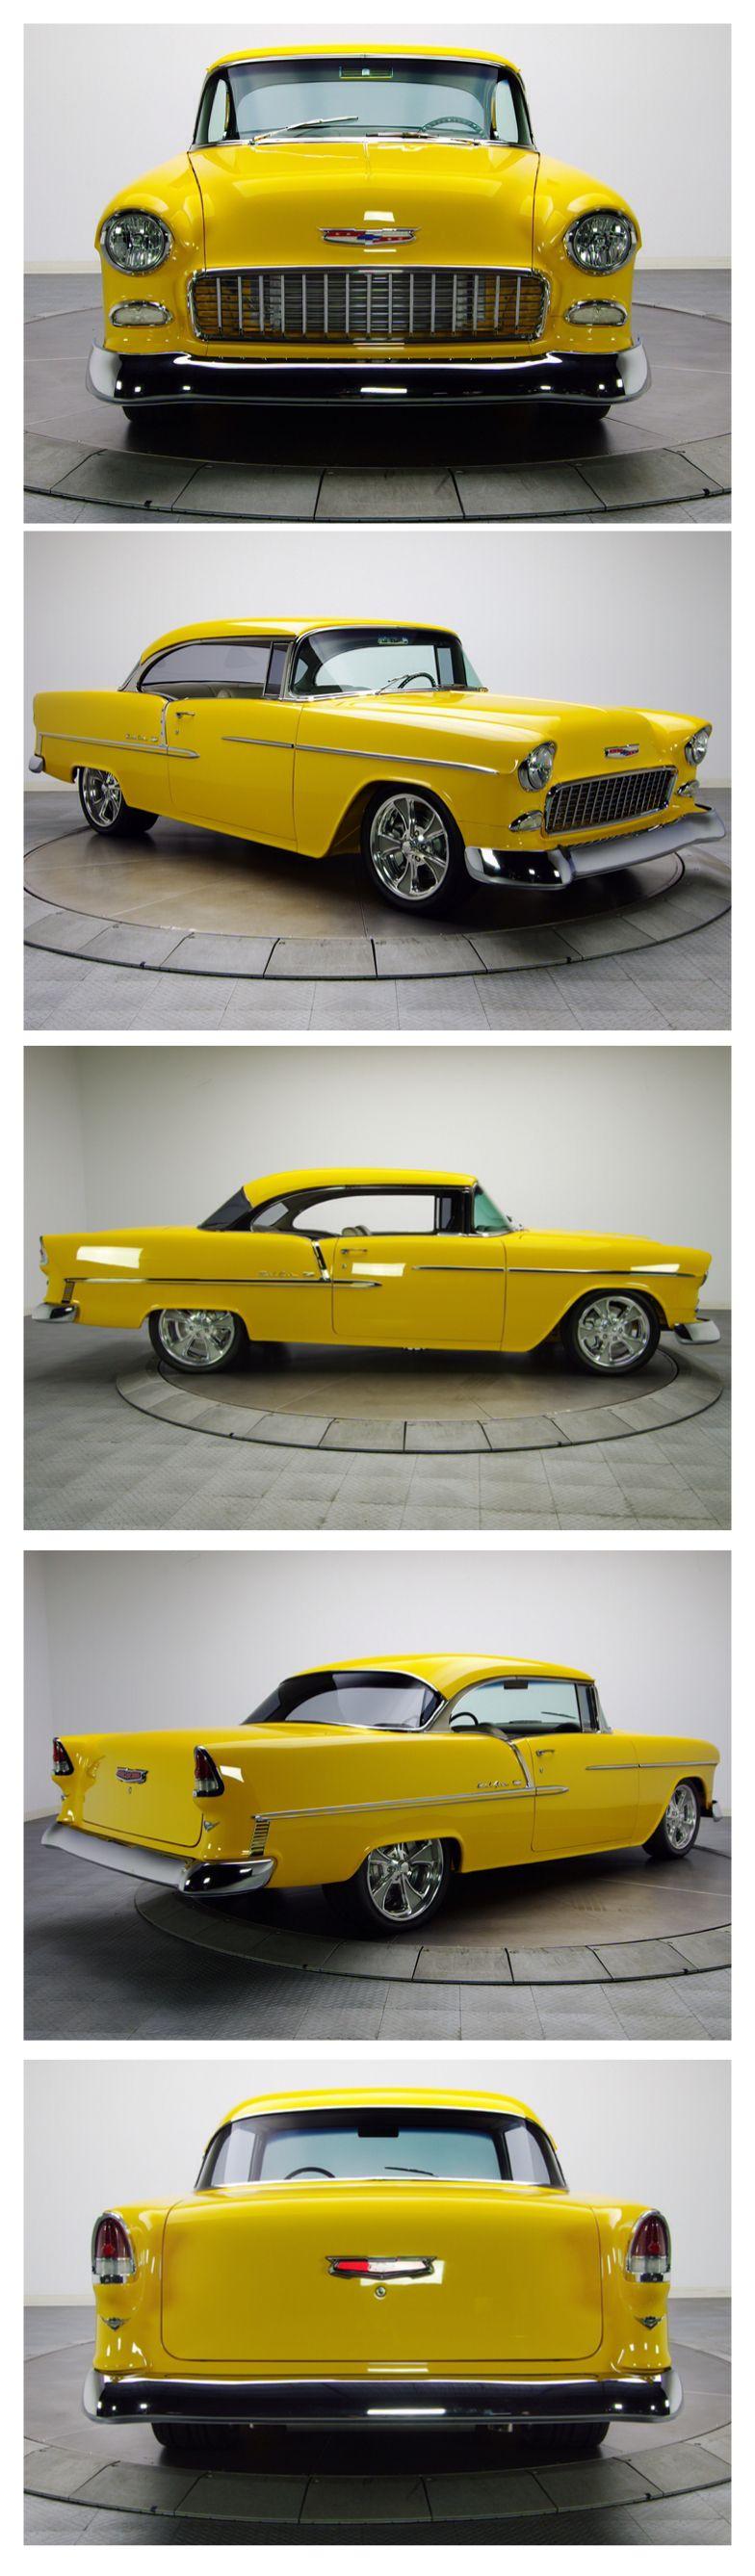 1955 Chevrolet Bel-Air. http://classic-auto-trader.blogspot.com ...